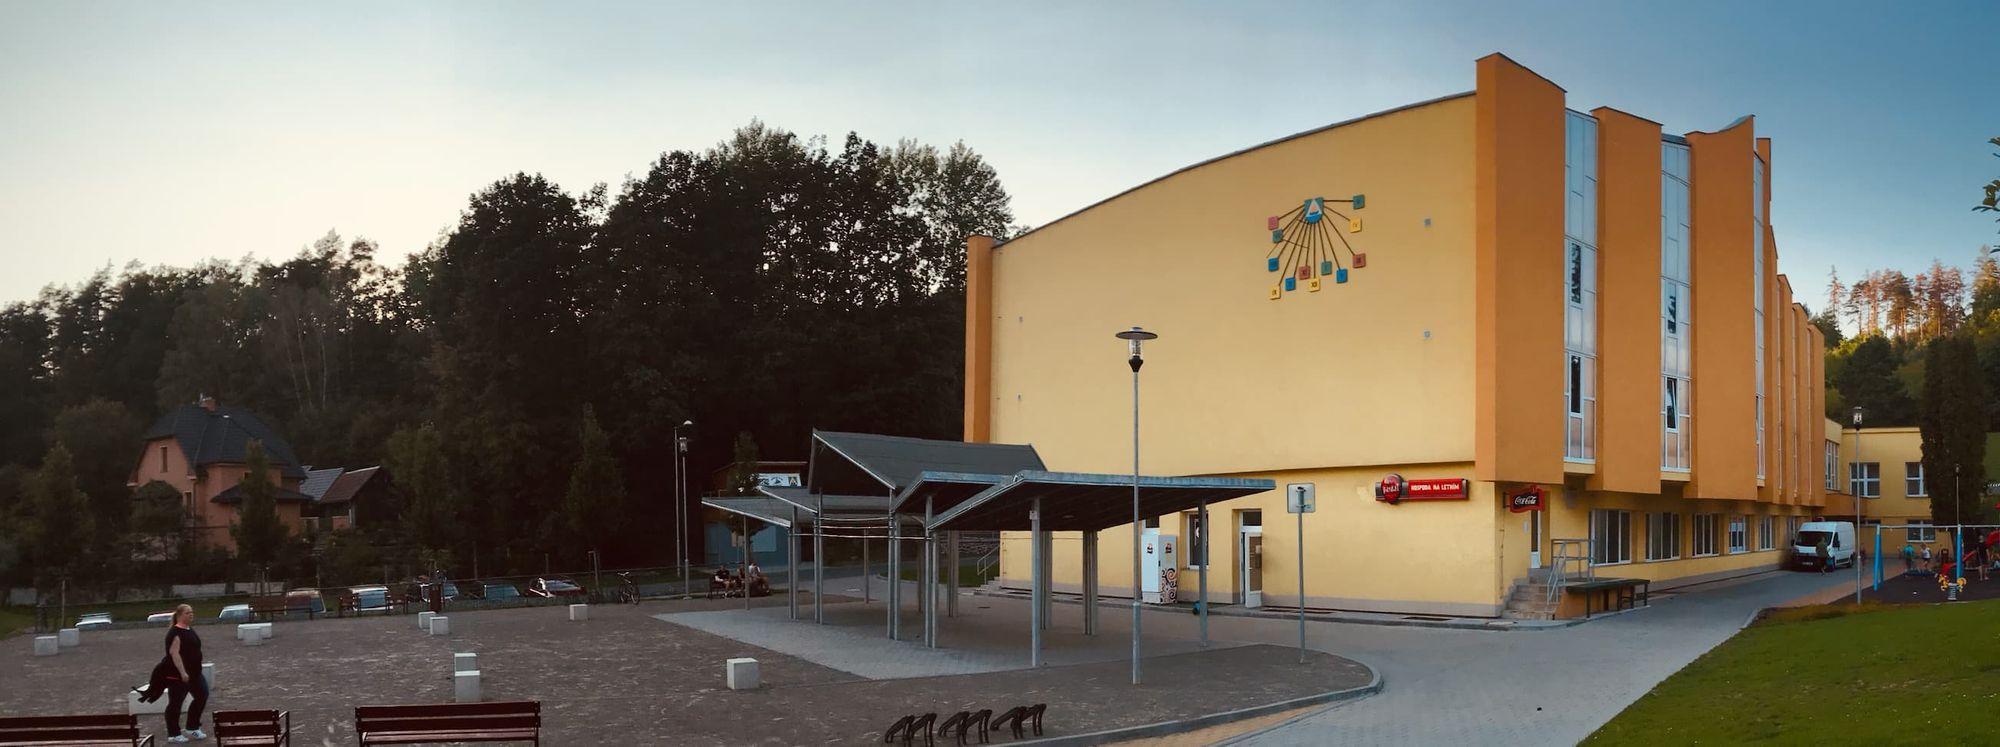 Kulturní dům Na Letním v Hlubočkách se slunečními hodinami